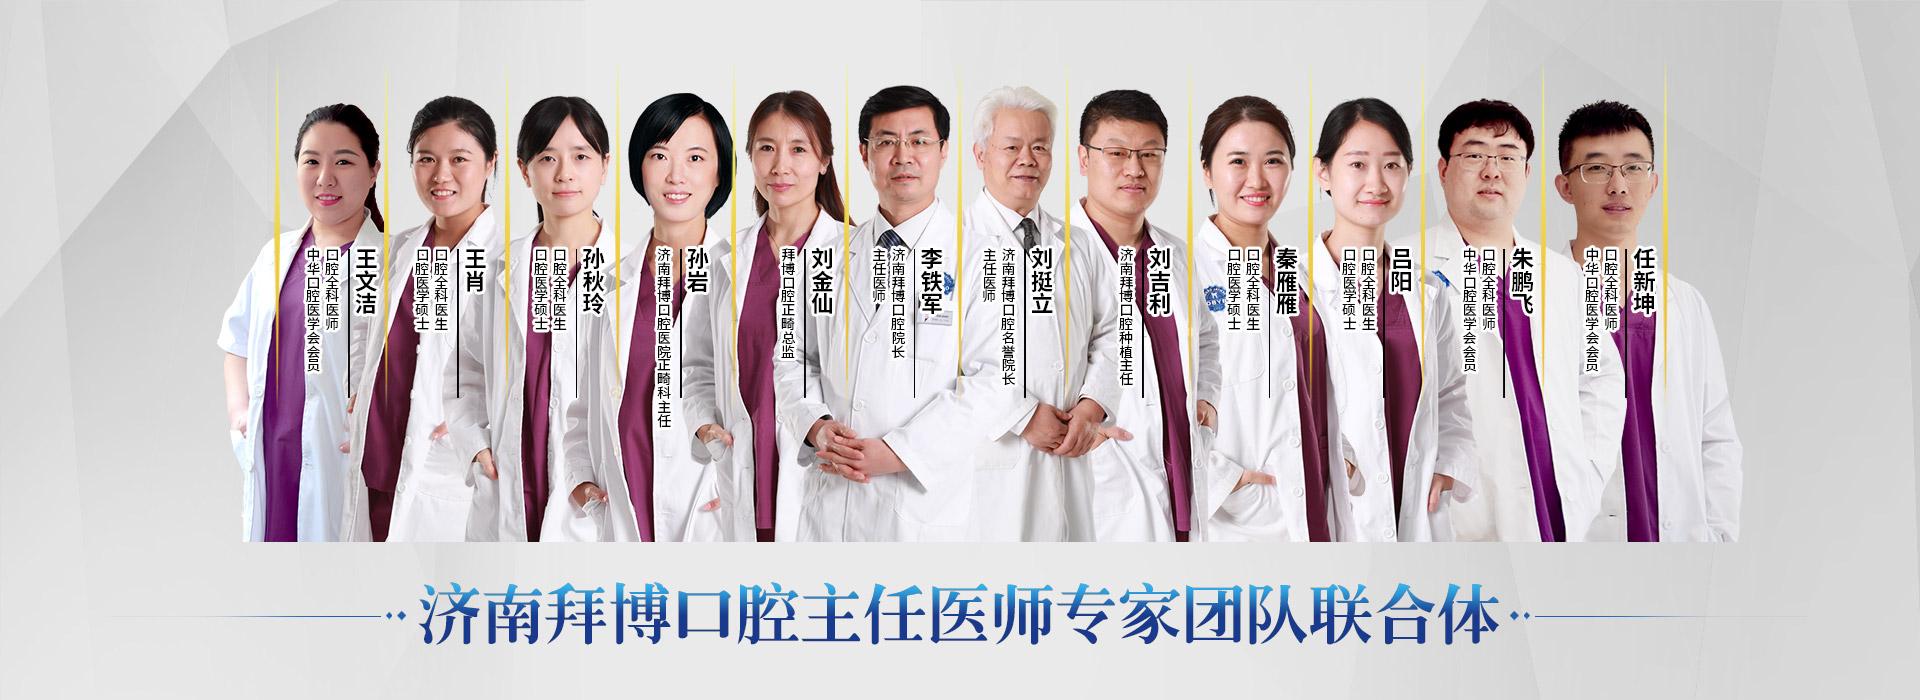 济南医生团队